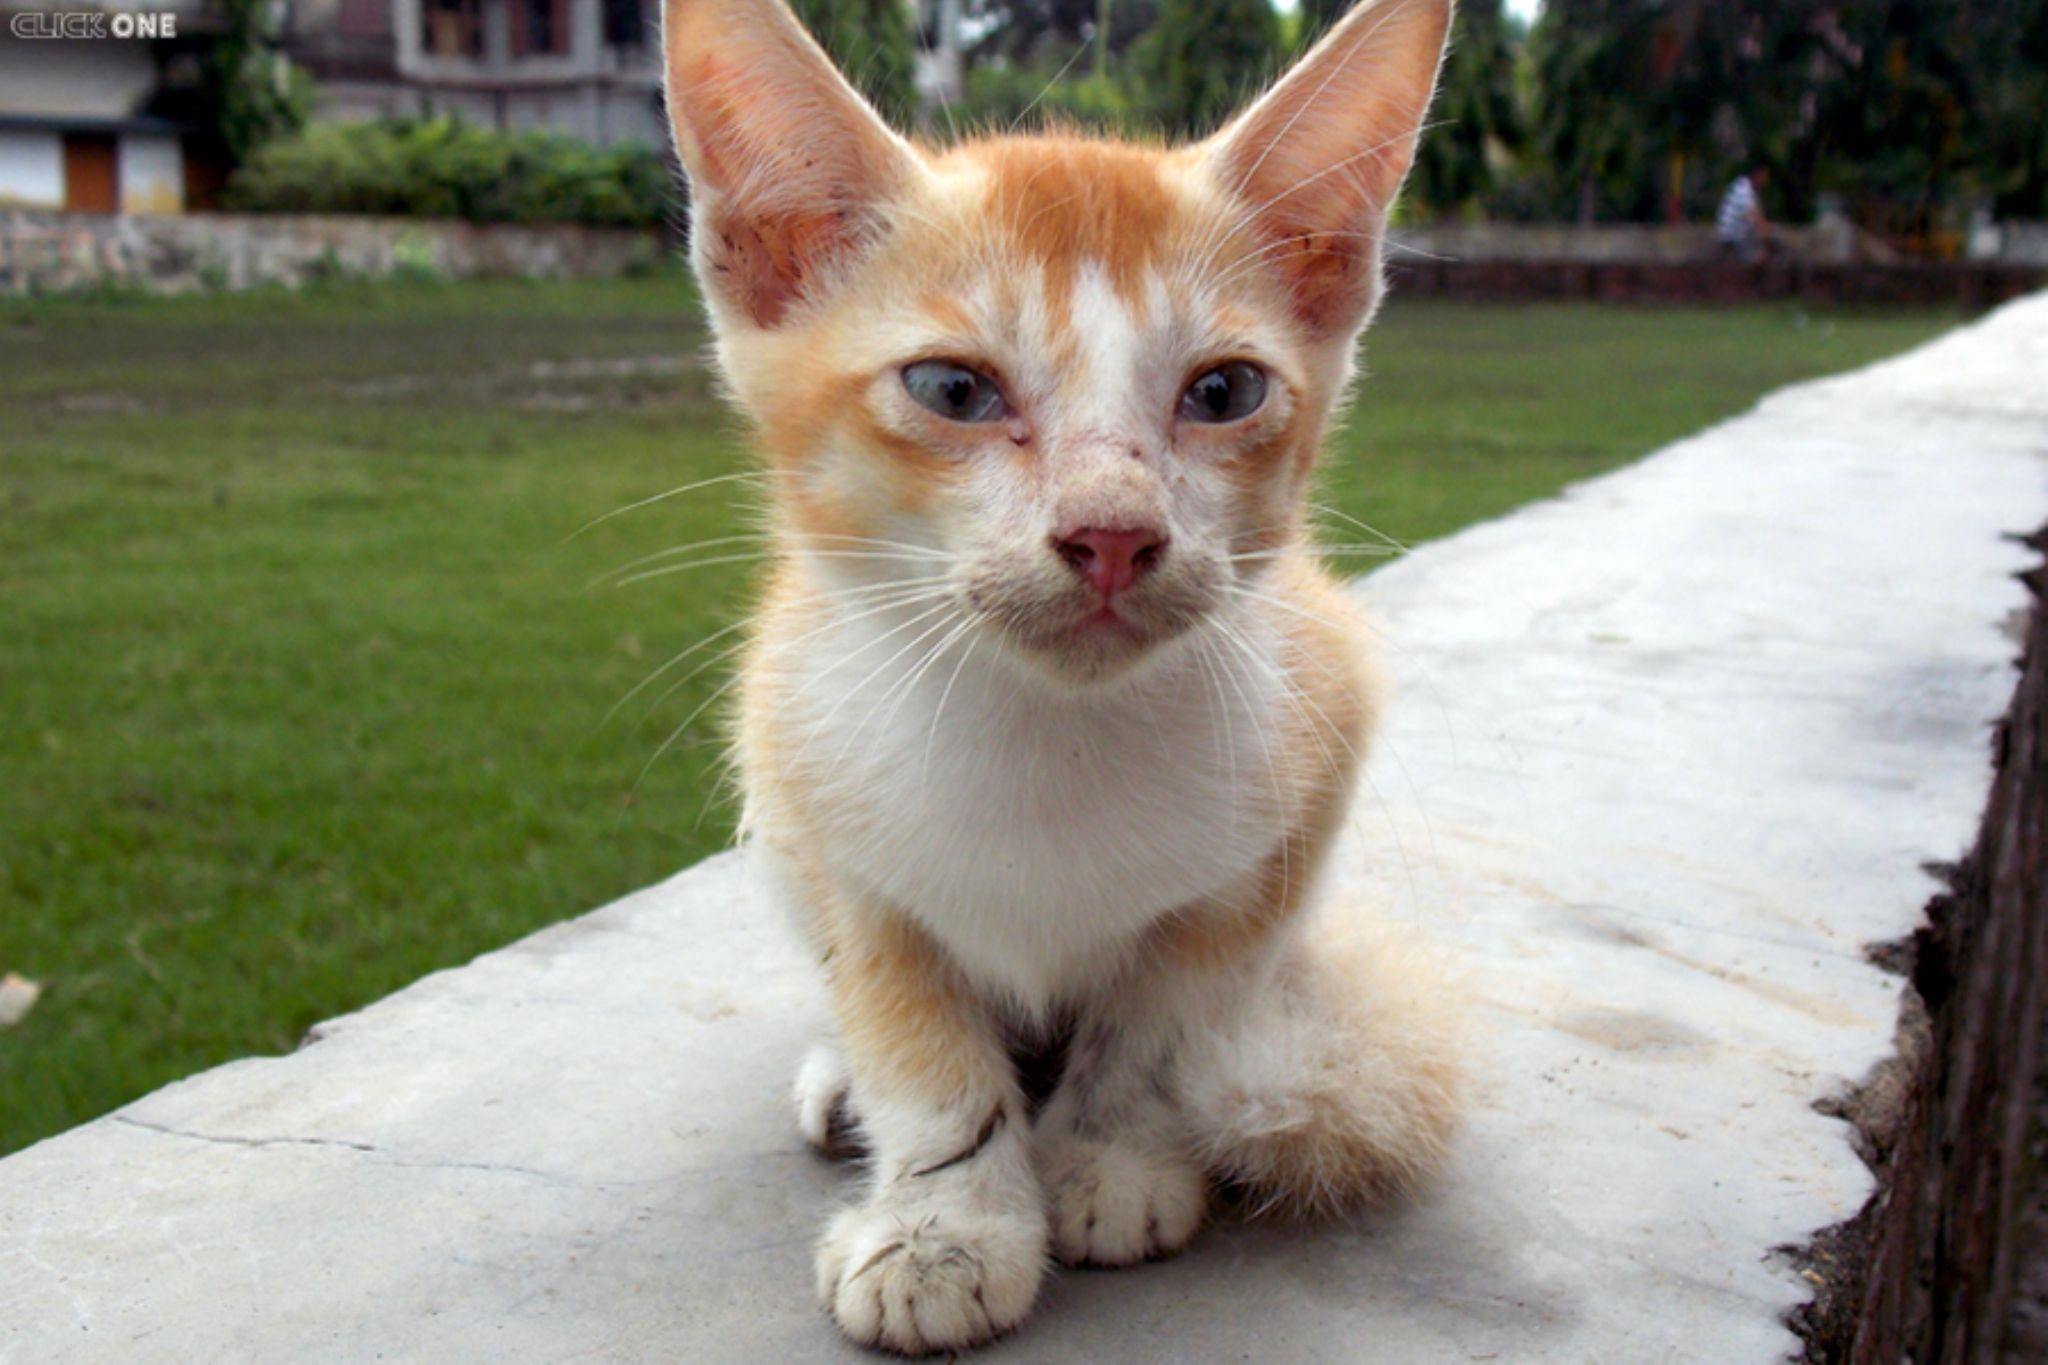 Cat by Ăjȫy Ðhâŕ